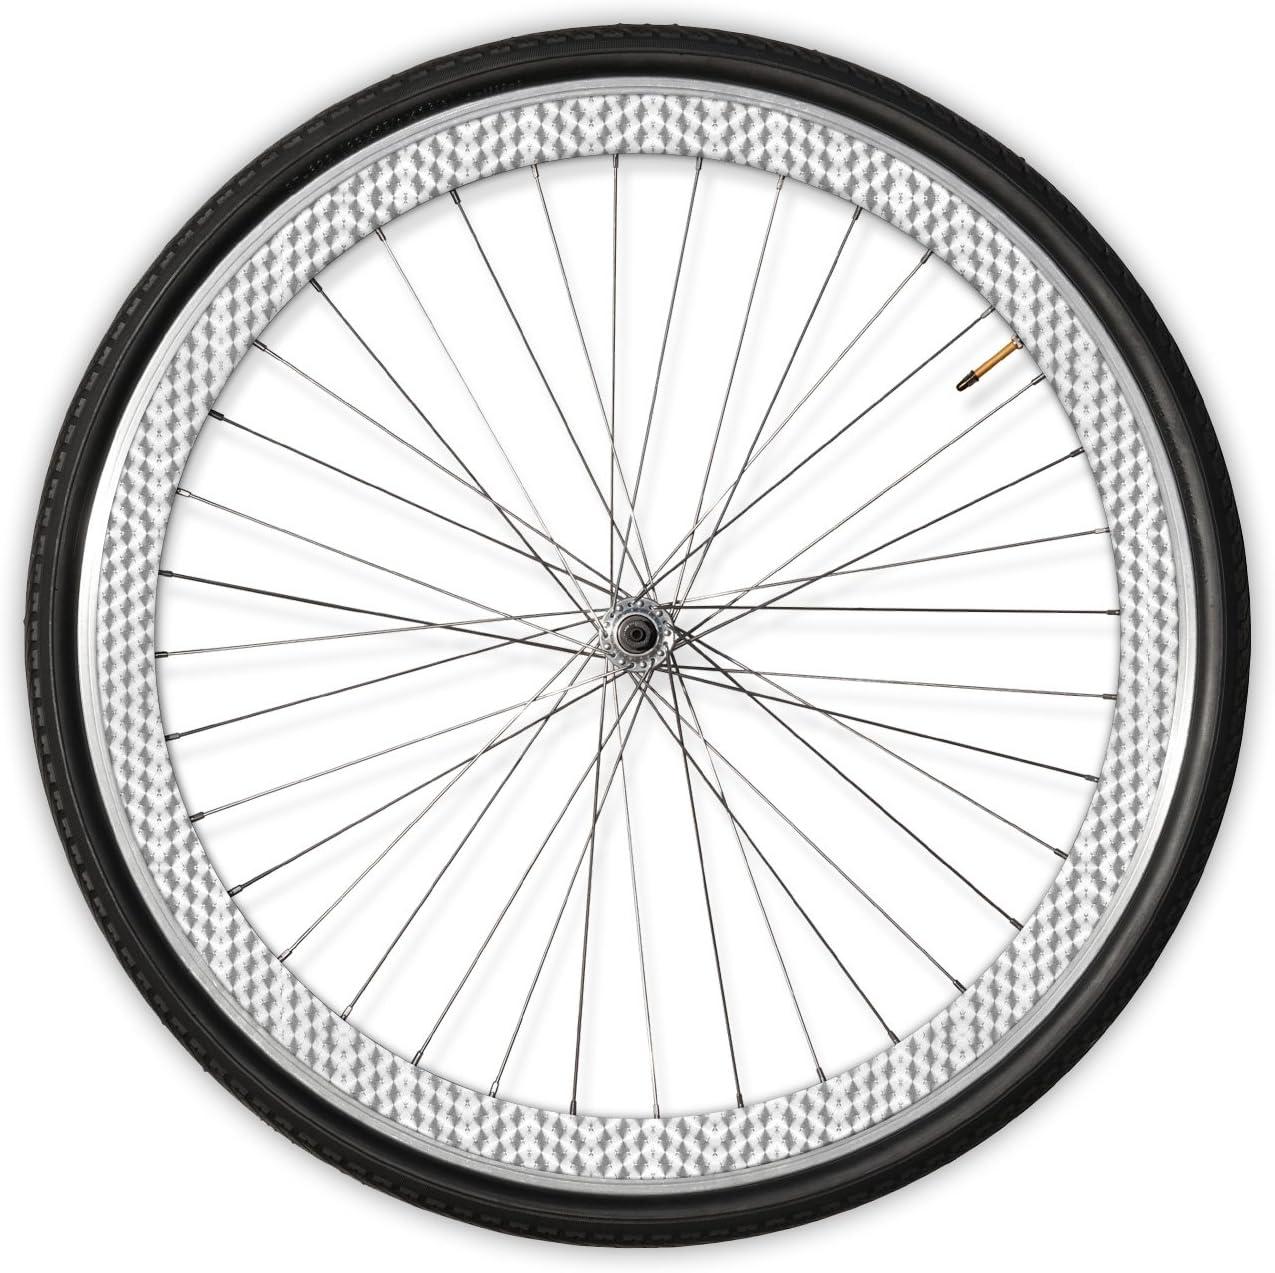 rimSkin Deep V Machined Single Wheel Rim Skin Pack for Road//Fixed Gear//Track Bike